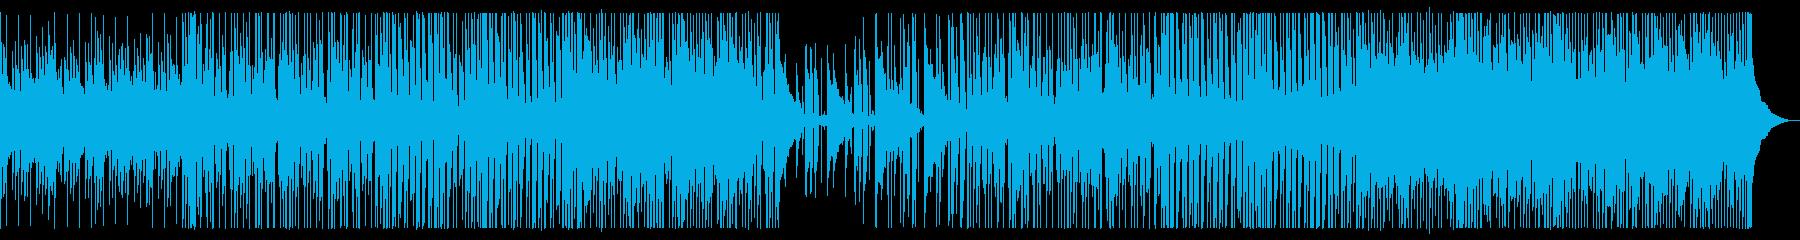 爽やかなカフェBGM_No686_1の再生済みの波形